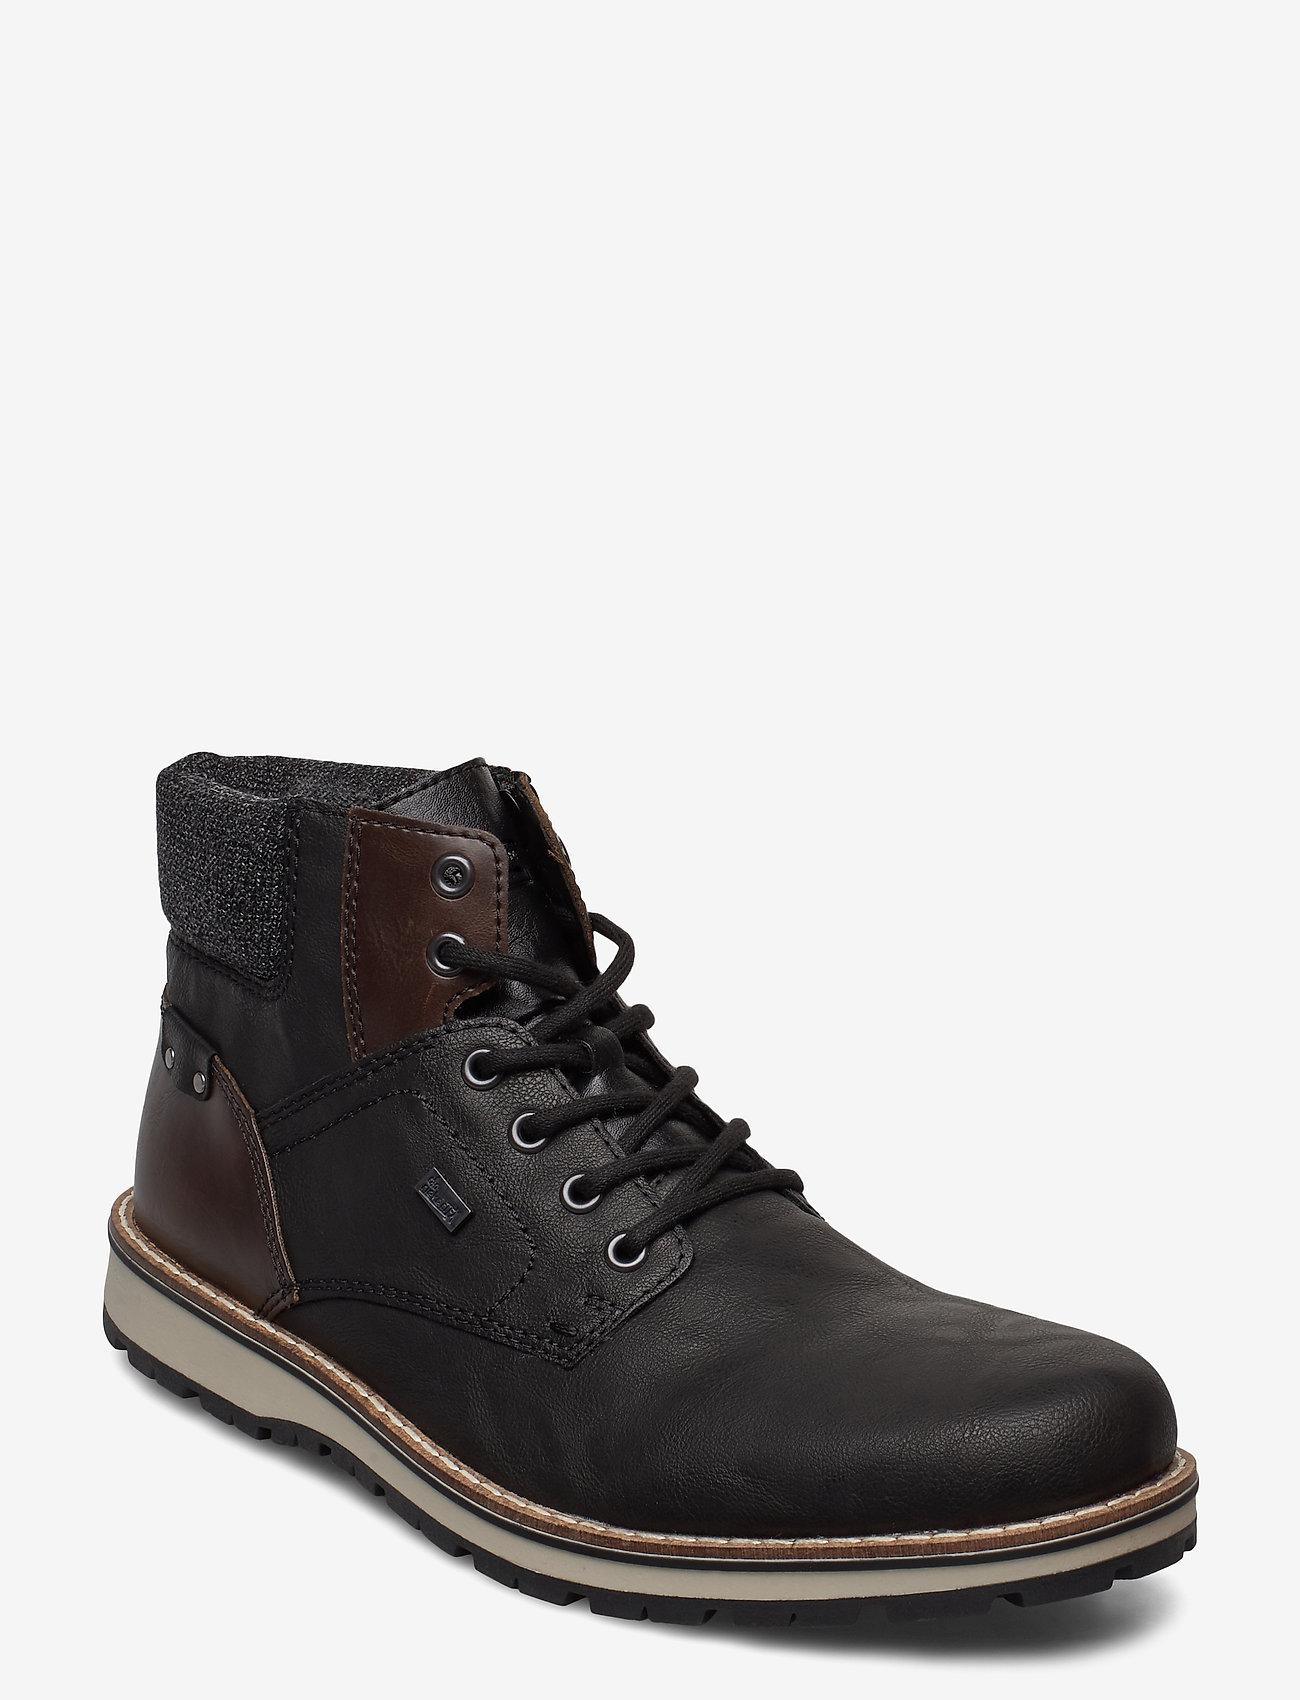 Rieker - 38434-00 - winterlaarzen - black - 0